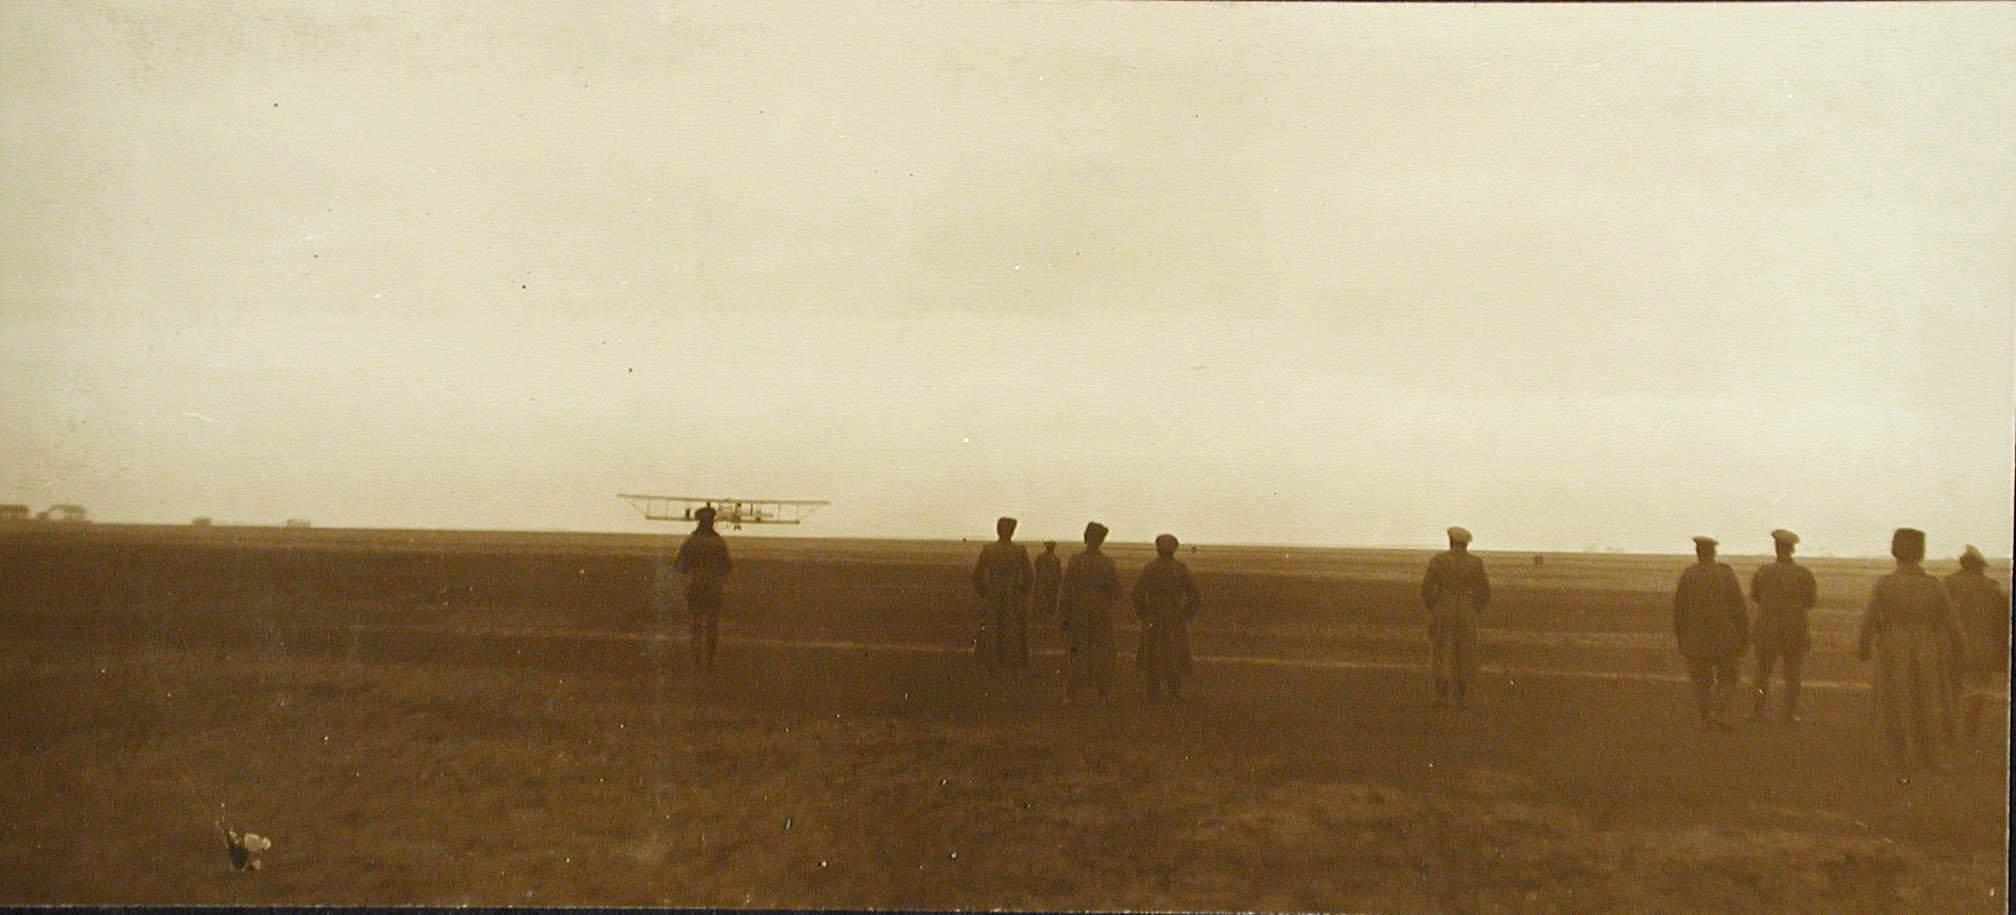 09. Группа авиаторов и офицеров роты на аэродроме наблюдают за взлетом летательного аппарата Илья Муромец I.